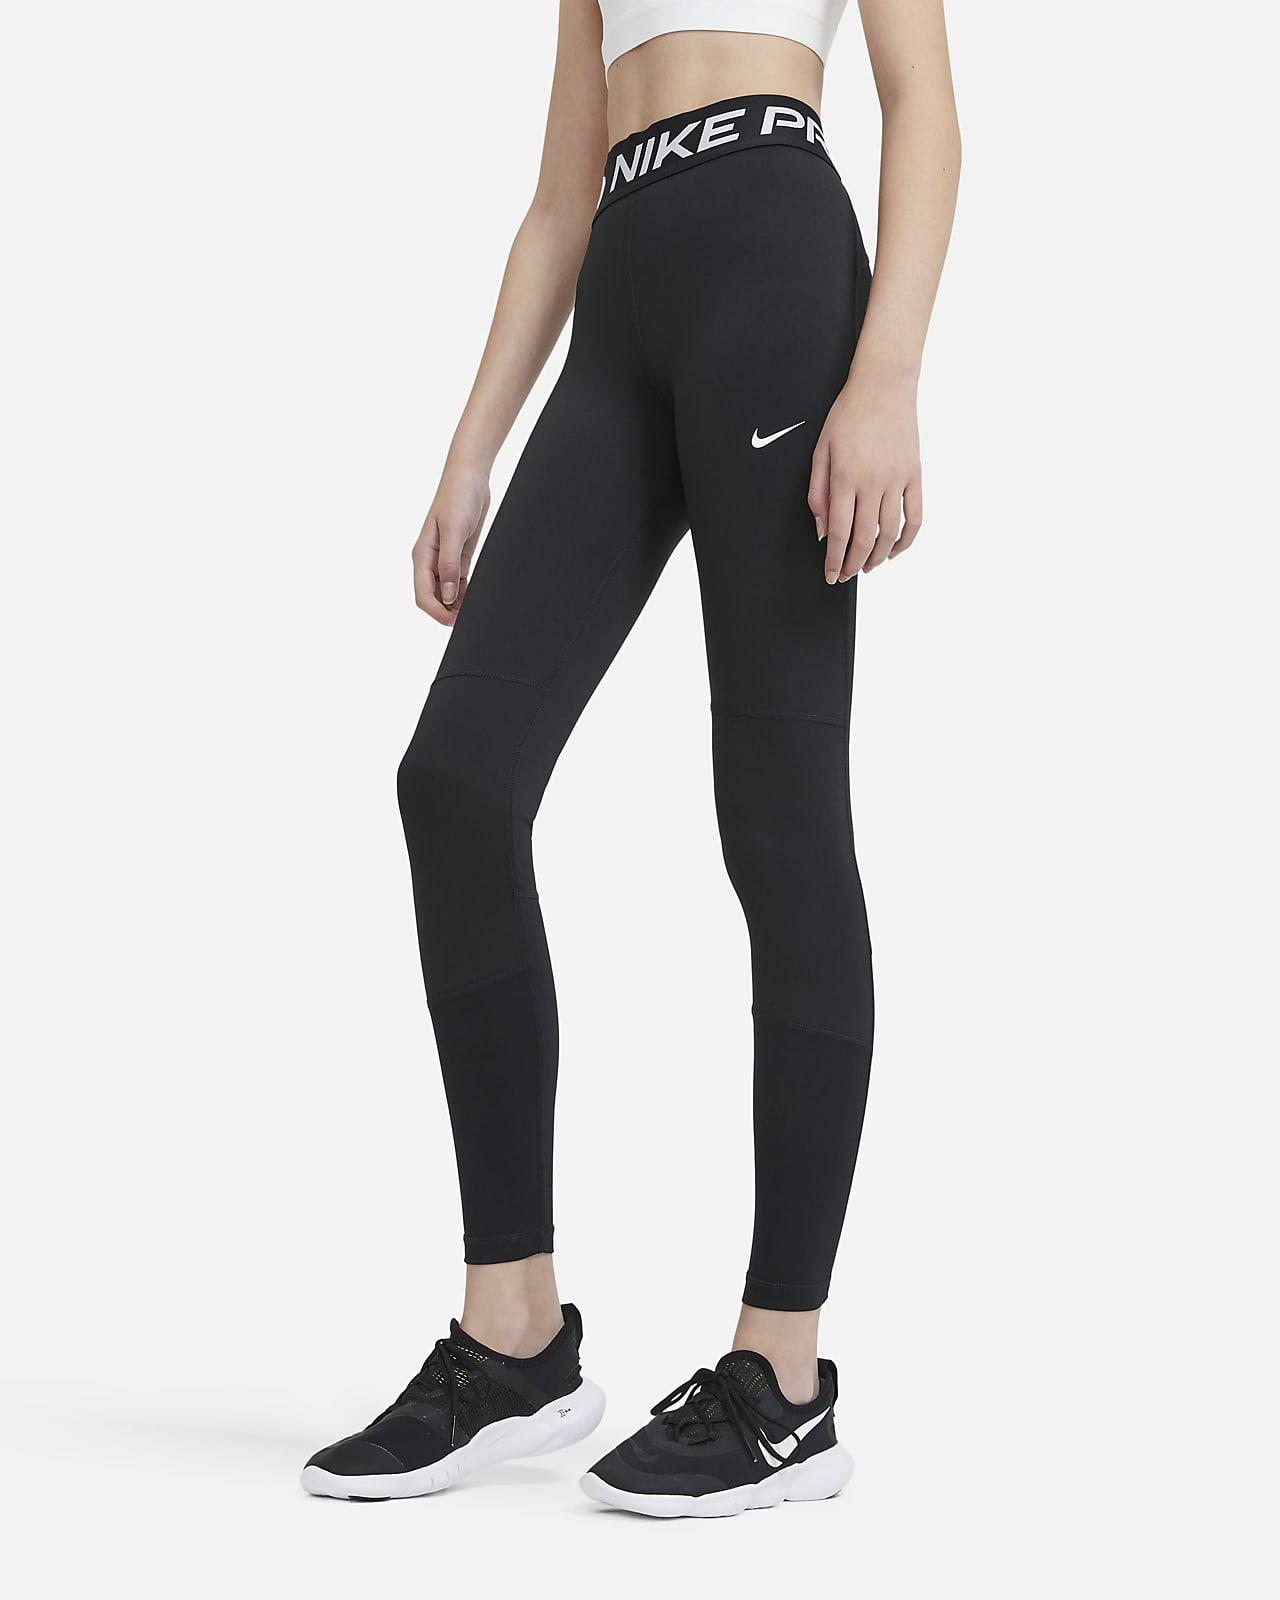 Леггинсы для девочек школьного возраста Nike Pro